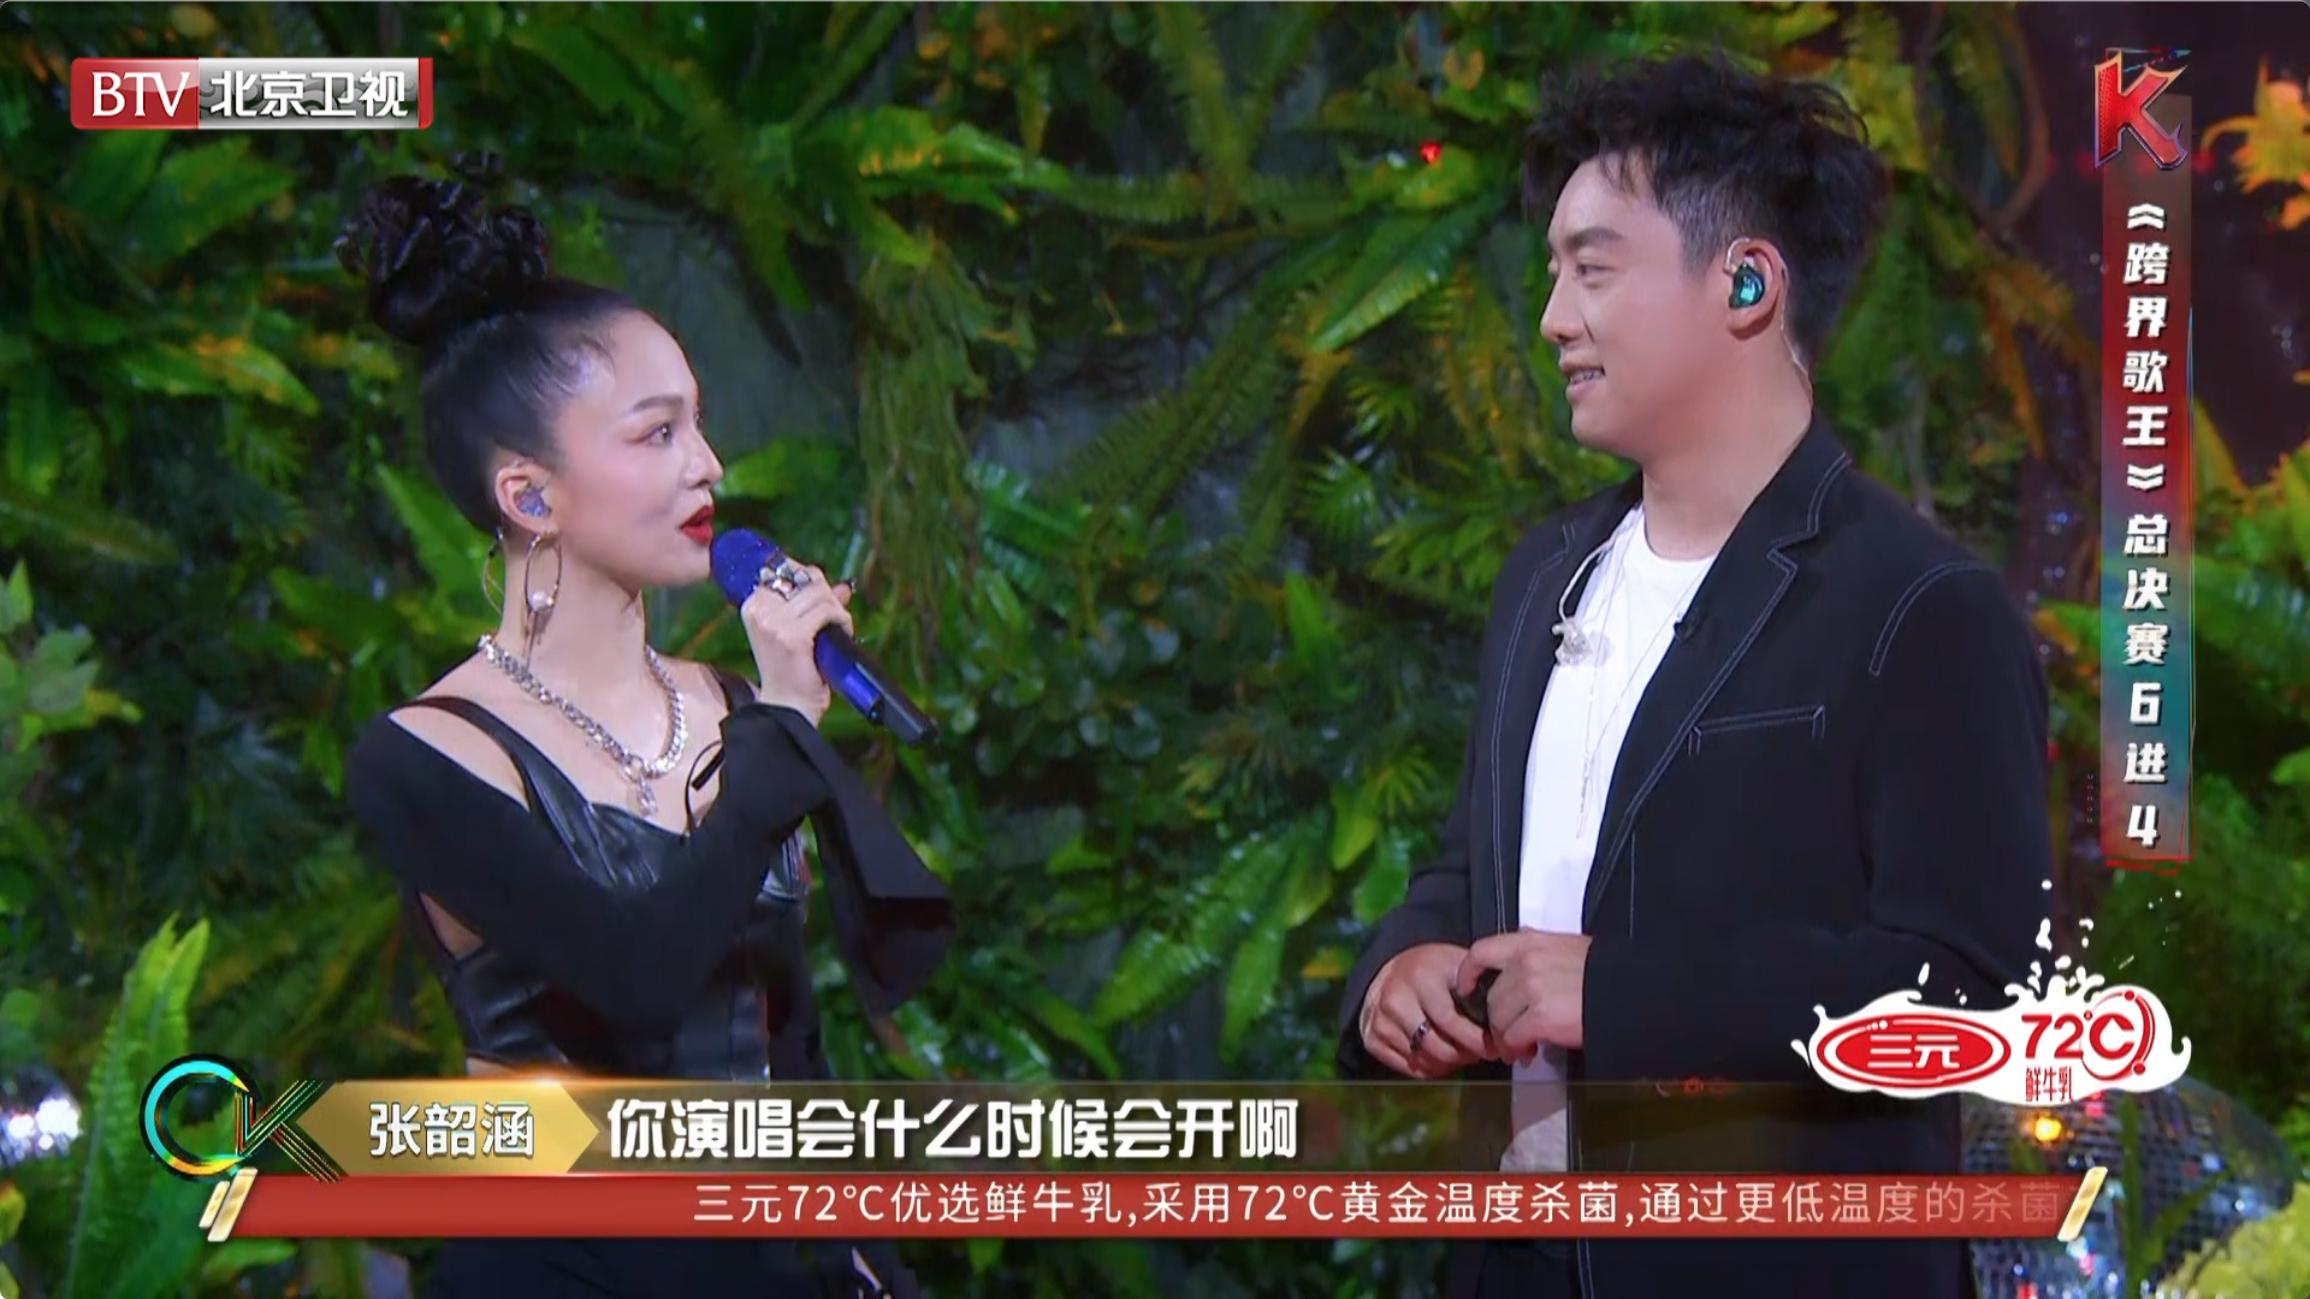 郑恺跨界歌王舞台向张韶涵再次申请想去当她的演唱会嘉宾